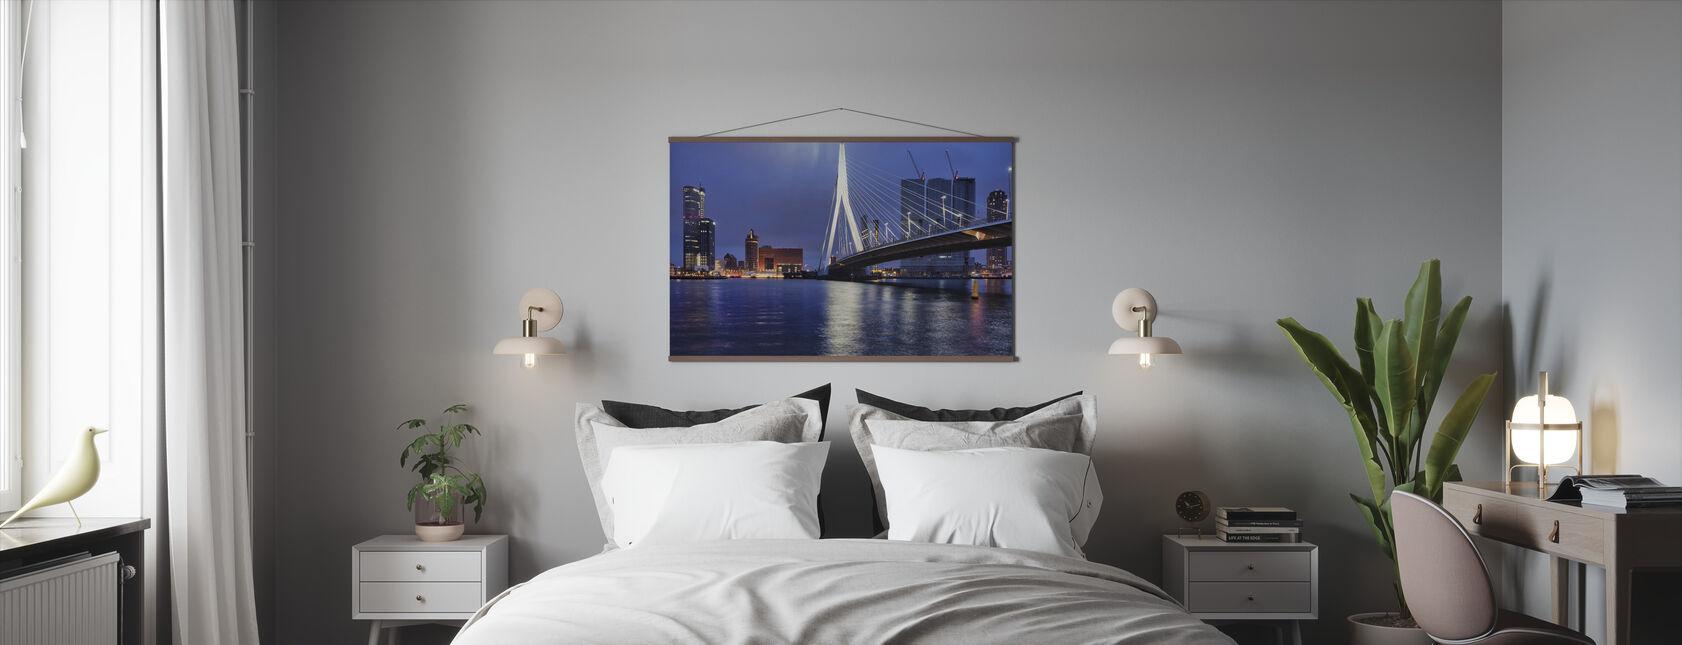 Stad Rotterdam bij Nacht - Poster - Slaapkamer